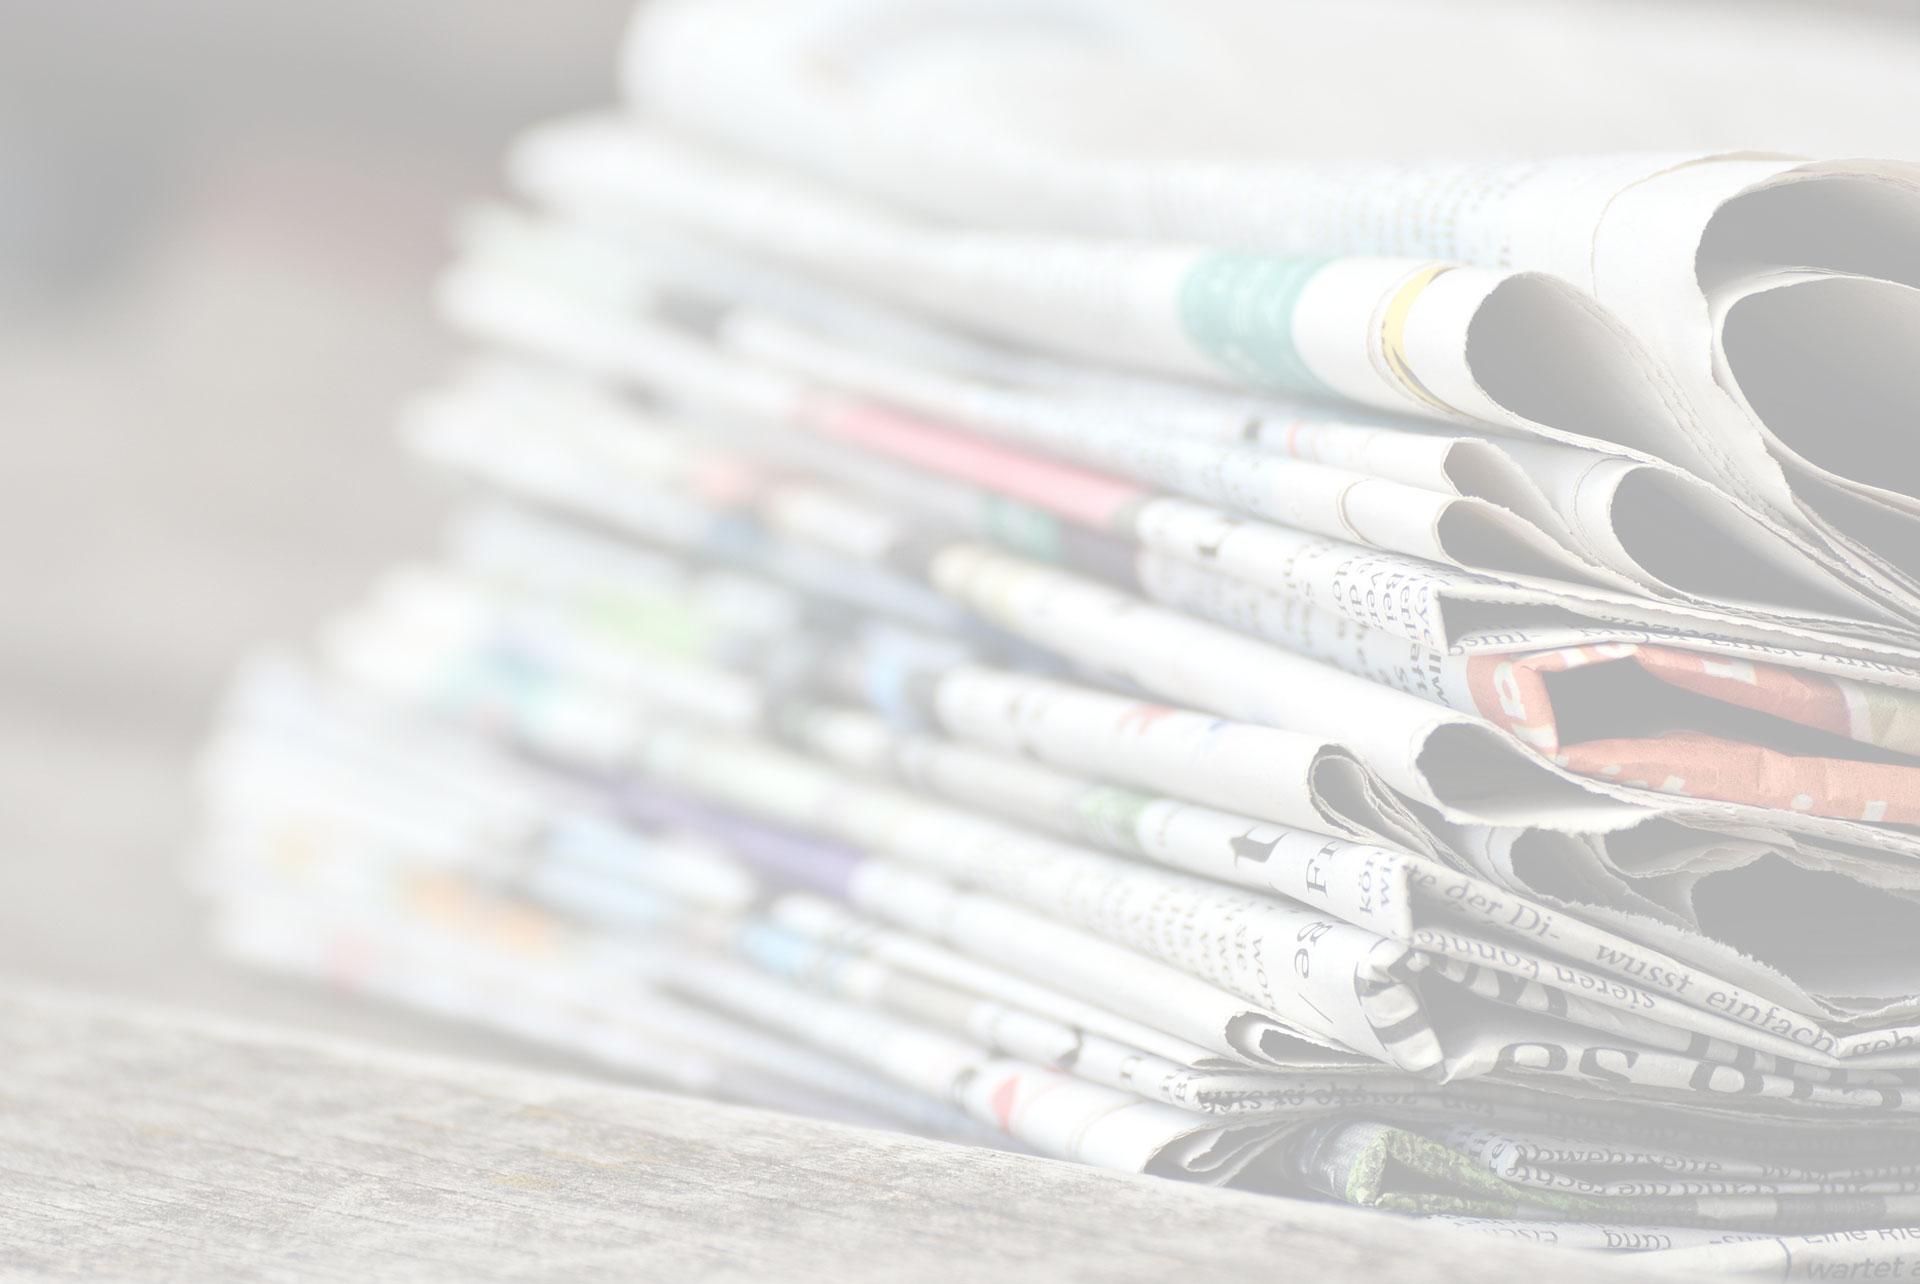 Milan, 1961/62